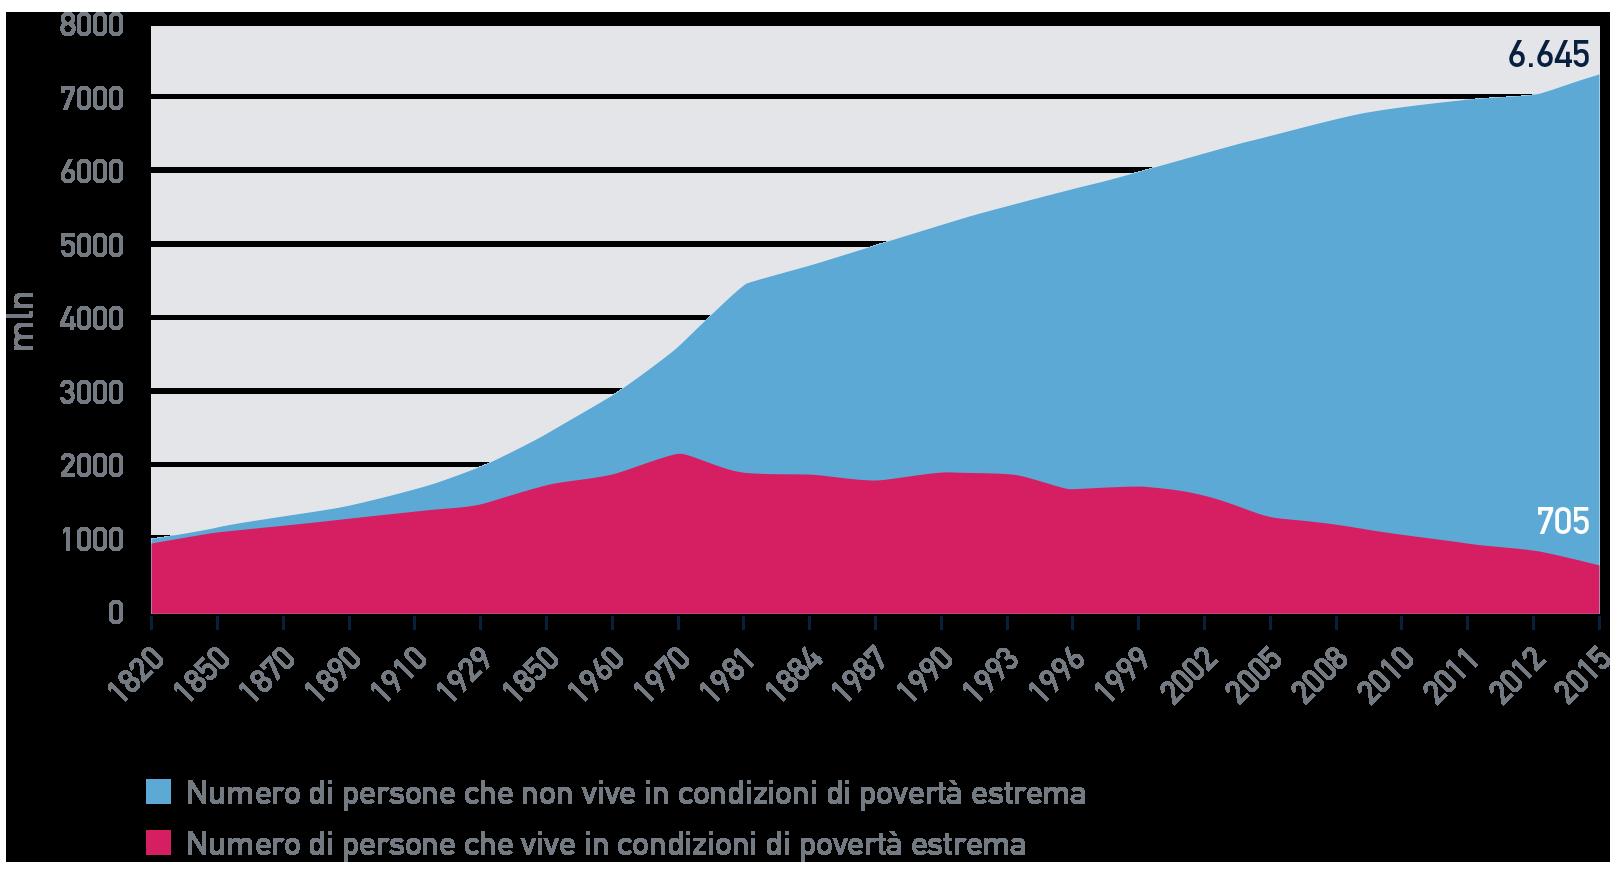 Fig. A.3: Popolazione mondiale che vive in condizioni di povertà estrema, 1820 – 2015